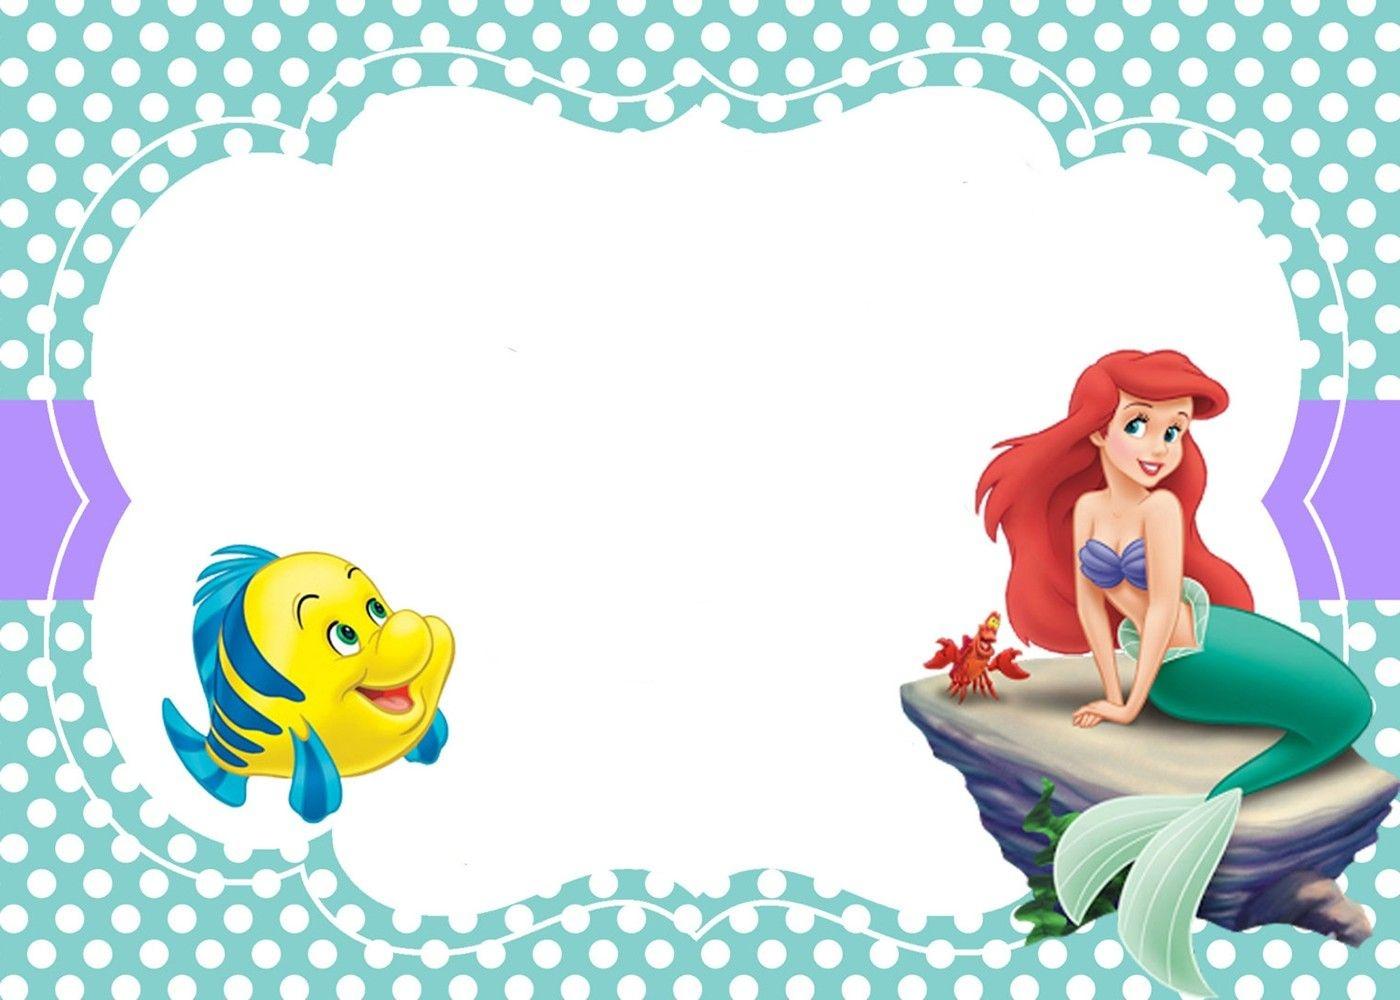 Printable Little Mermaid Invitation Card | Mermaid In 2019 | Little - Free Little Mermaid Printable Invitations